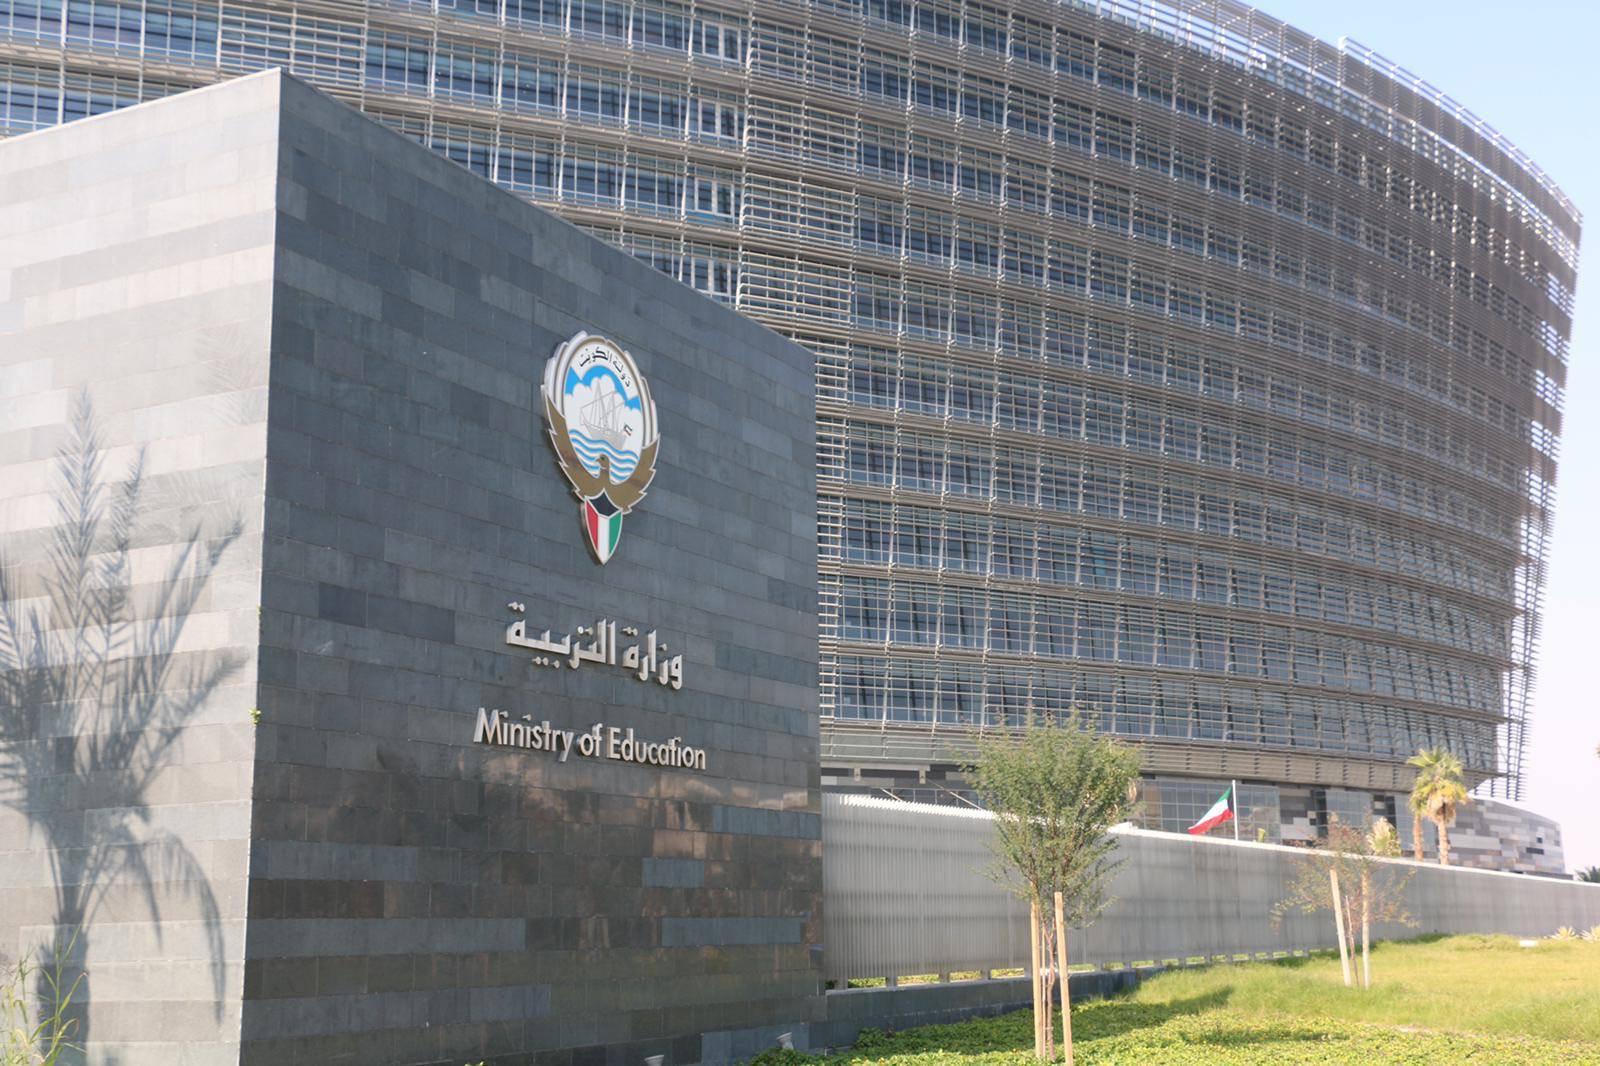 ٢٠٢١٠٦١٧ ١٧٤٥٢٠ - «#التربية»: بدء تسجيل الموظفين الكويتيين الراغبين في البعثات الدراسية.  #العبدلي_نيوز